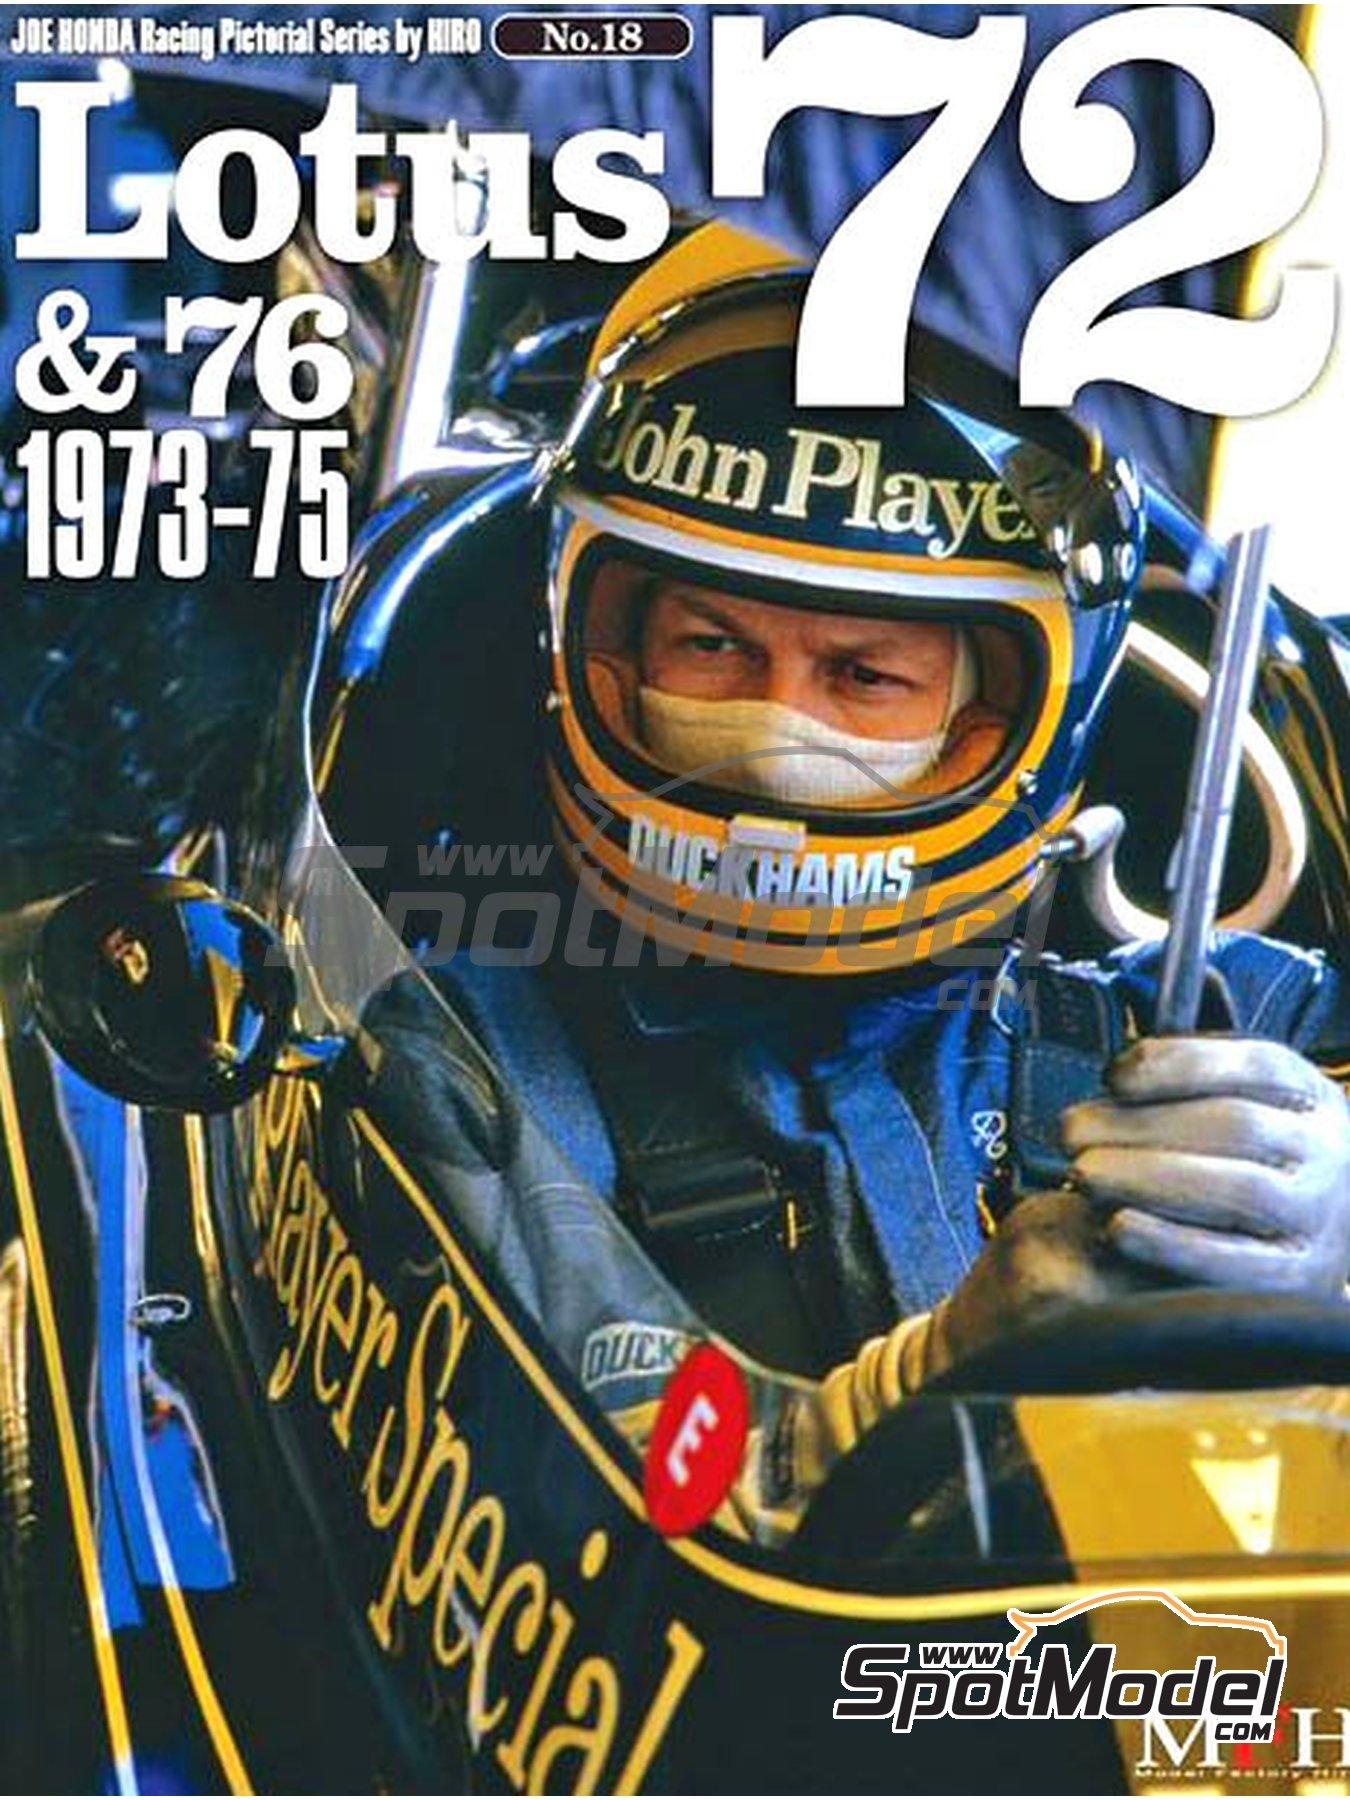 JOE HONDA Racing Pictorial Series - Lotus 72 y 76 - Campeonato del Mundo de Formula1 1973, 1974 y 1975 | Libro de referencia fabricado por Model Factory Hiro (ref.MFH-JH18) image